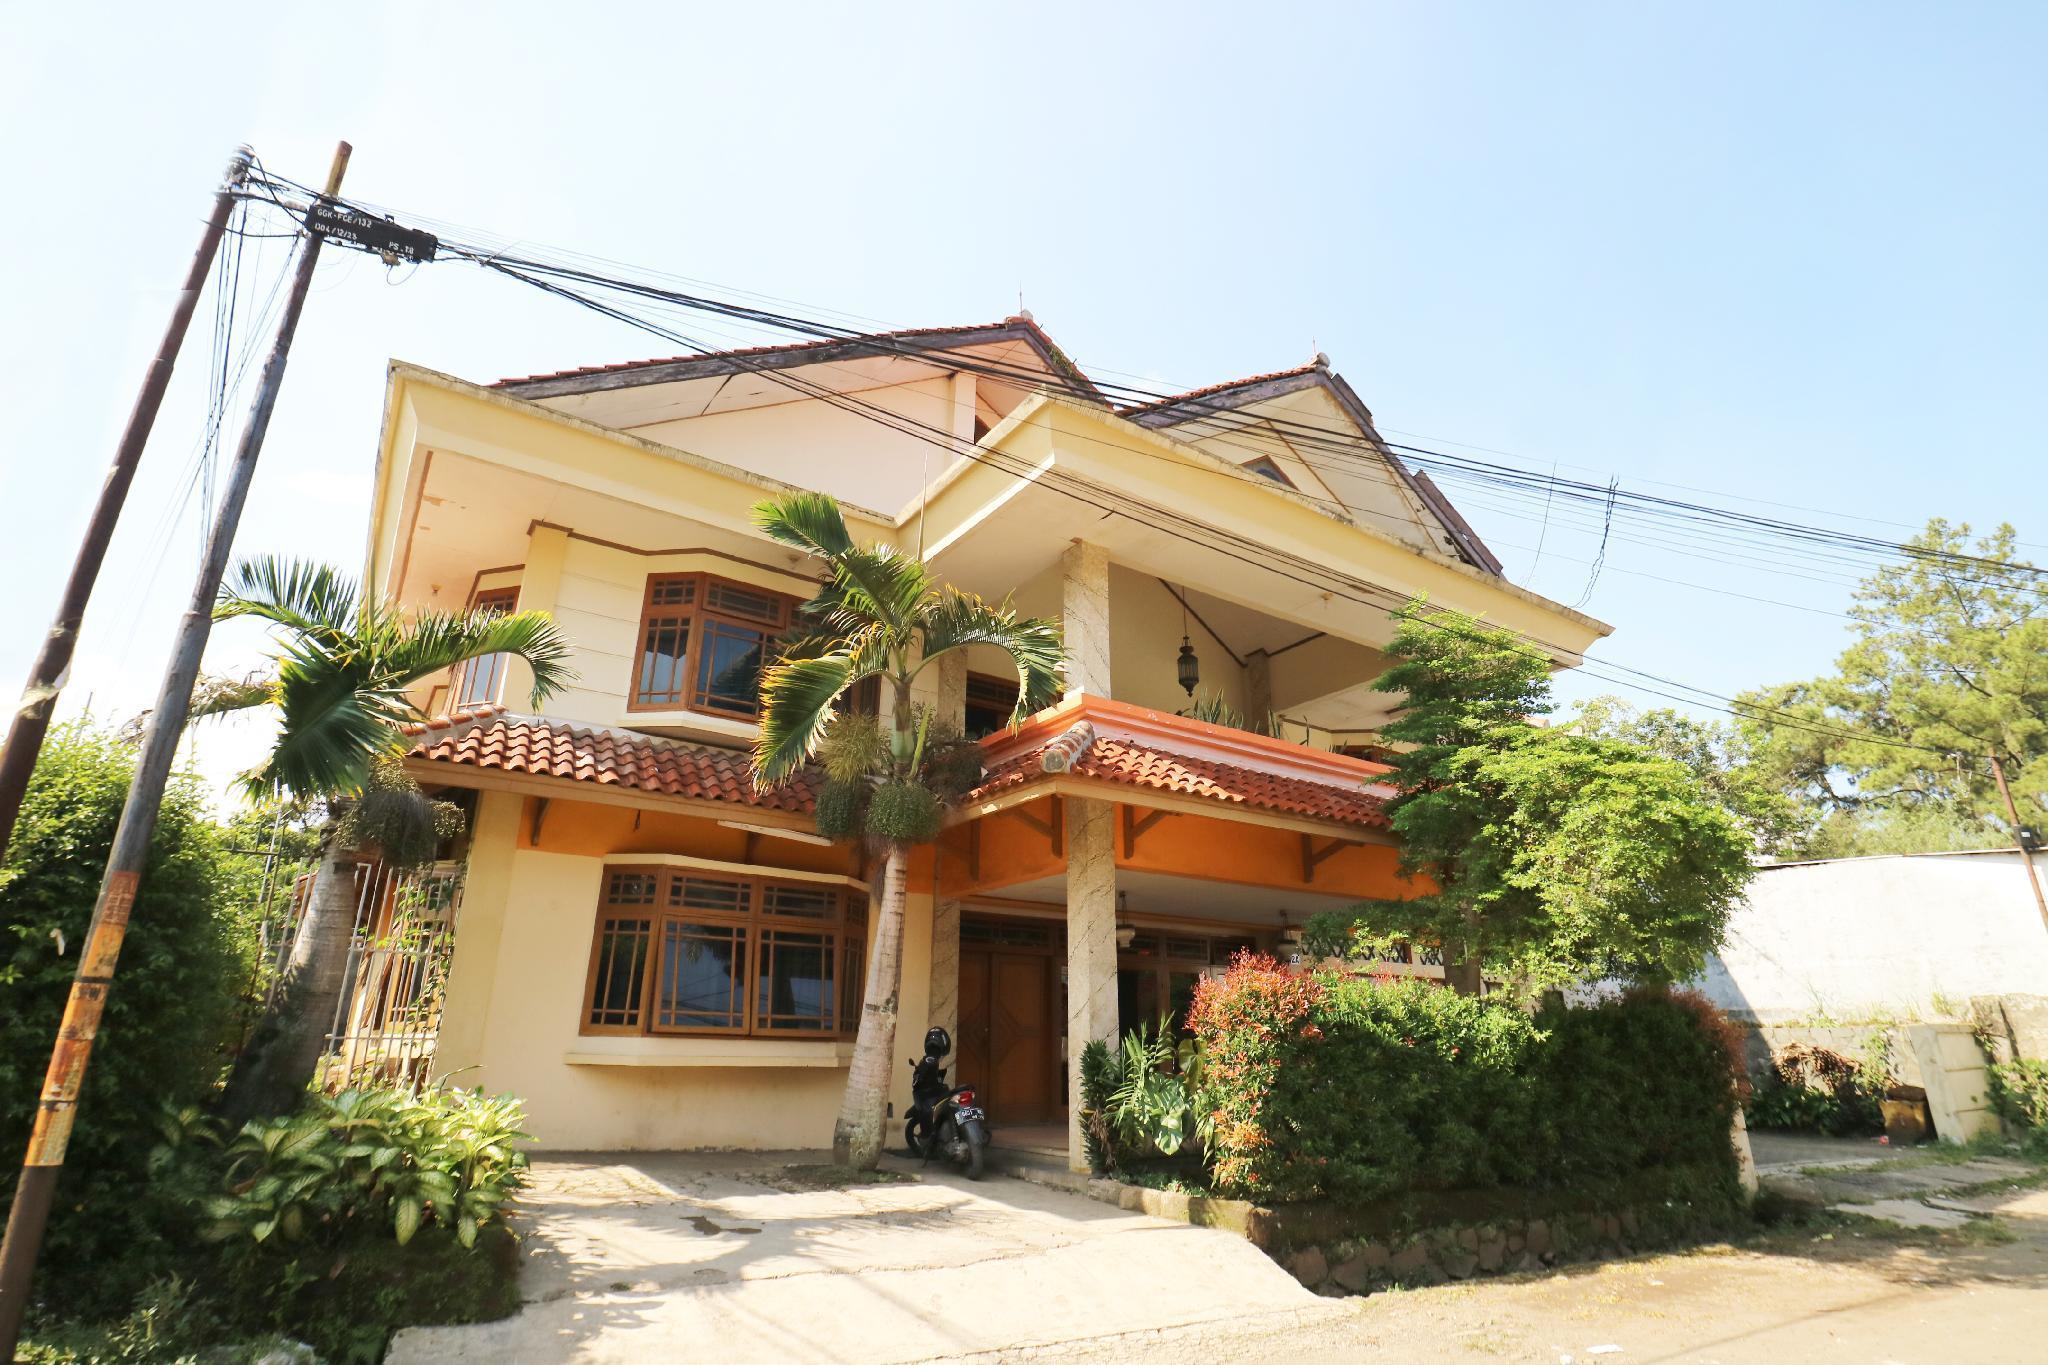 Bumi Hegar Guest House, Bandung